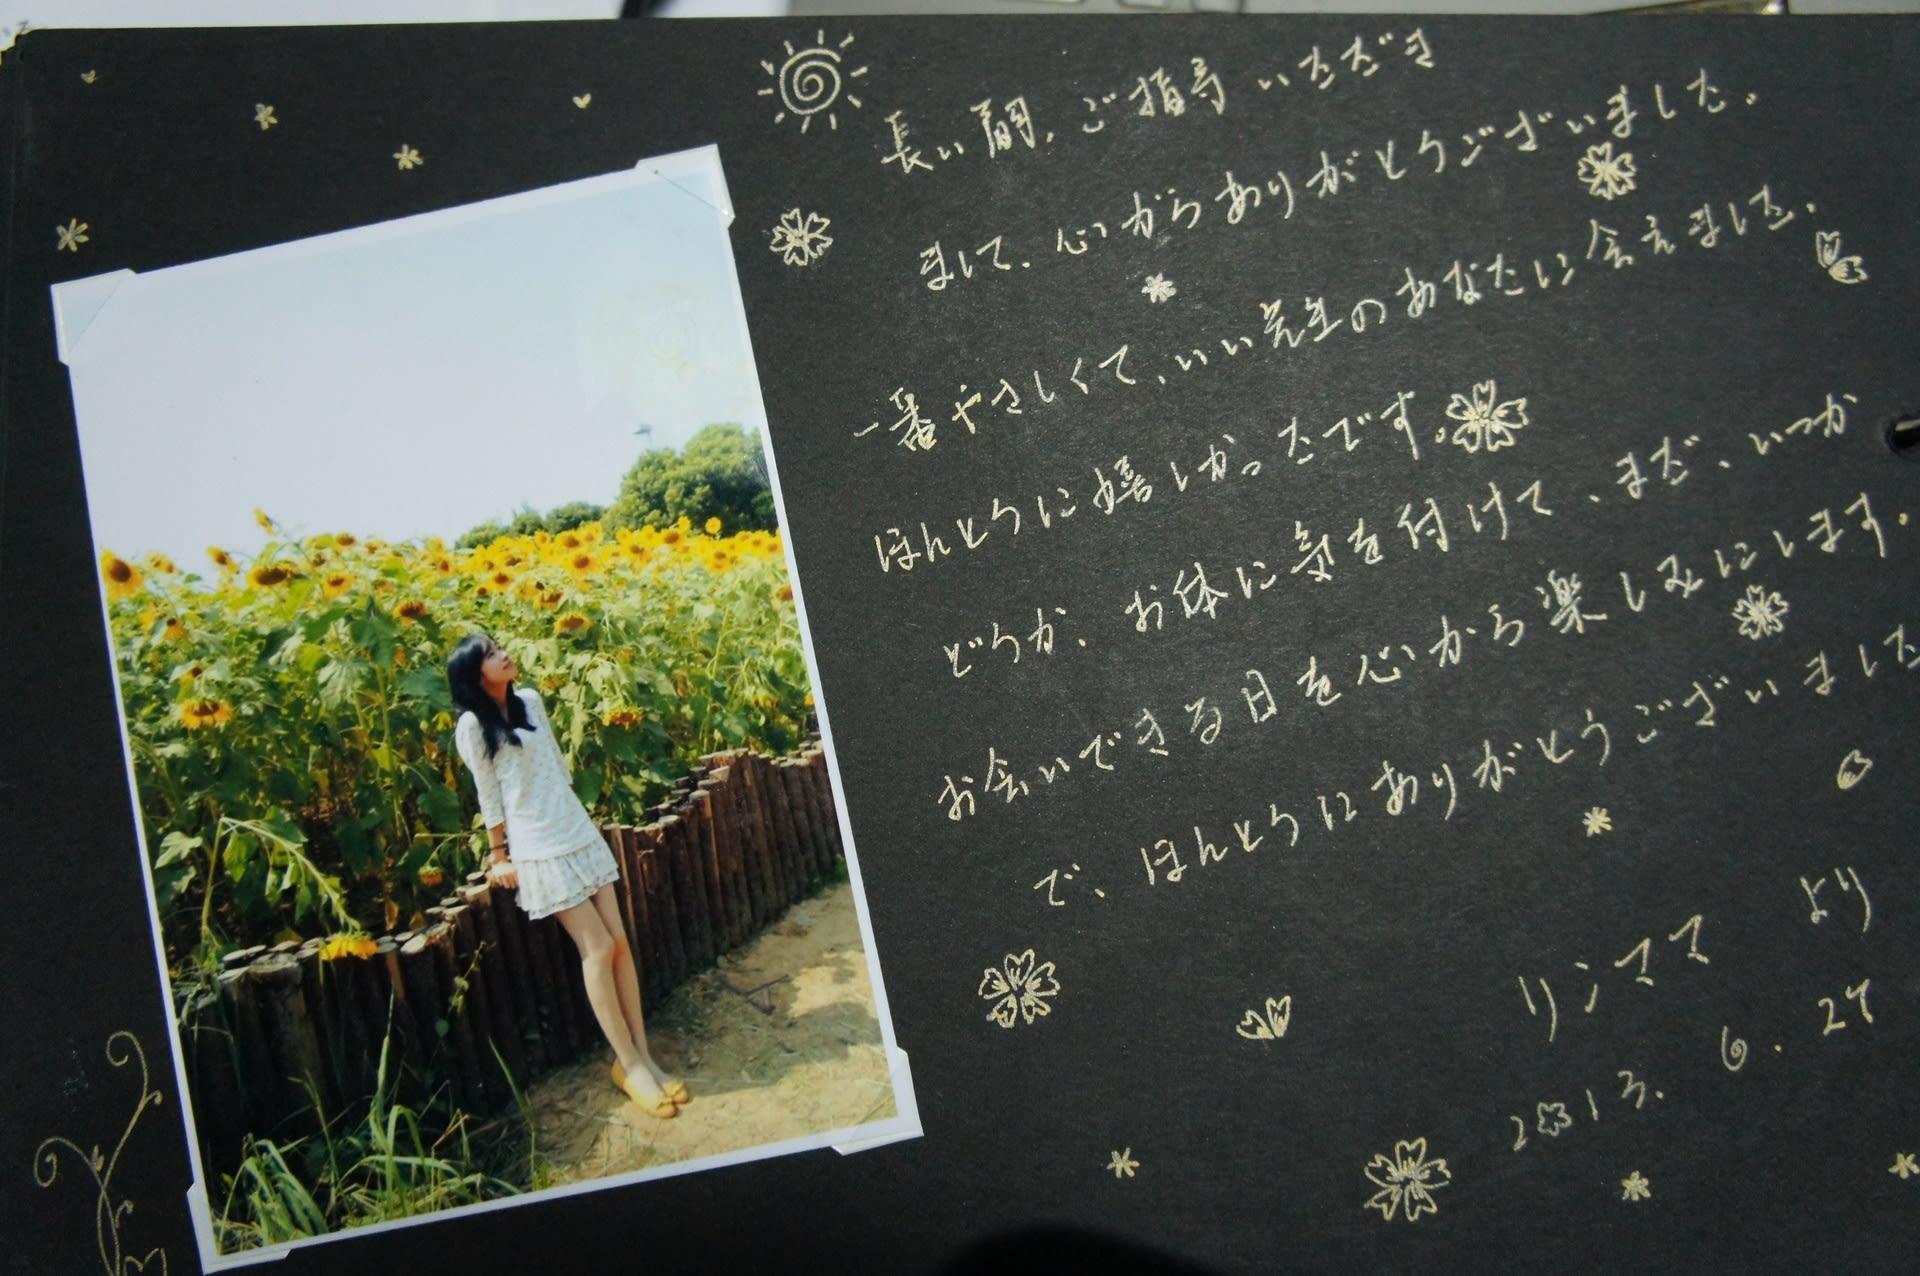 結婚式の招待状 - 中国不滞在記 in 神戸